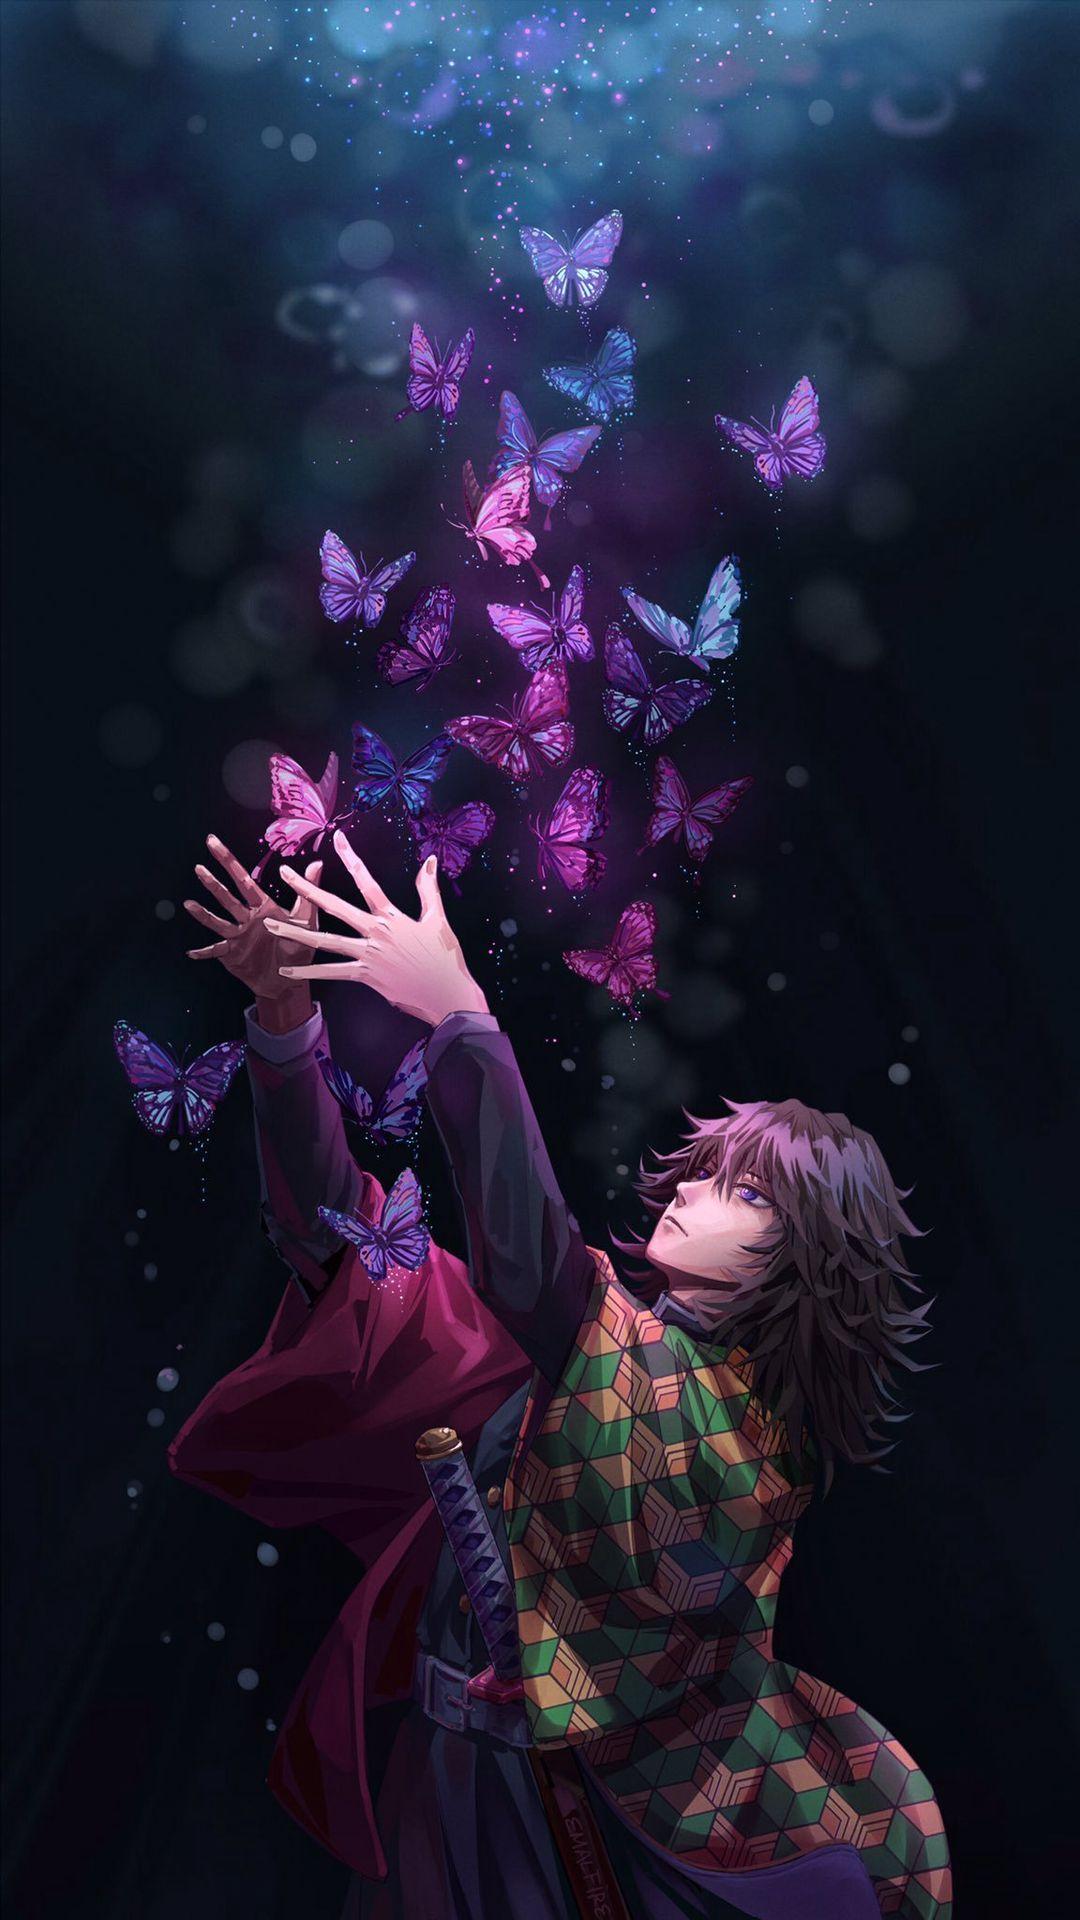 Kimetsu No Yaiba {Comics & Doujinshis} |PT I| ~English~ - Giyuu X Shinobu |Butterfly|